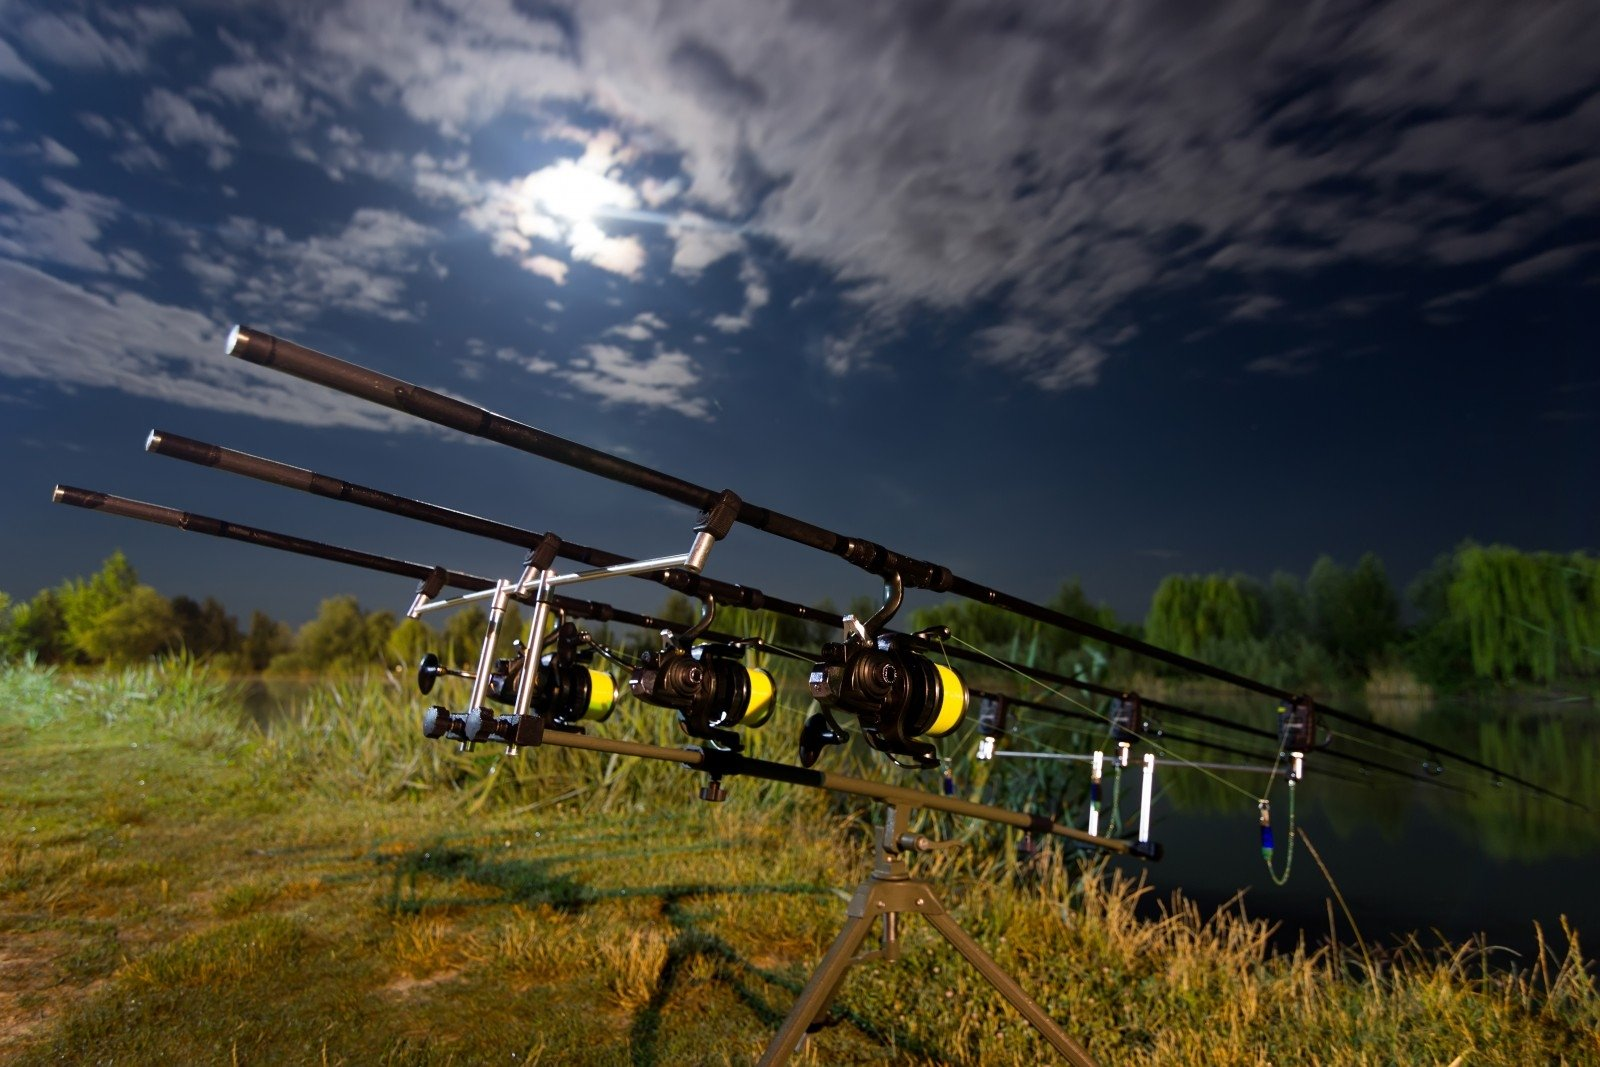 dugninės žvejybos prekybos sistema dvejetainiai opcionai keičiasi jav